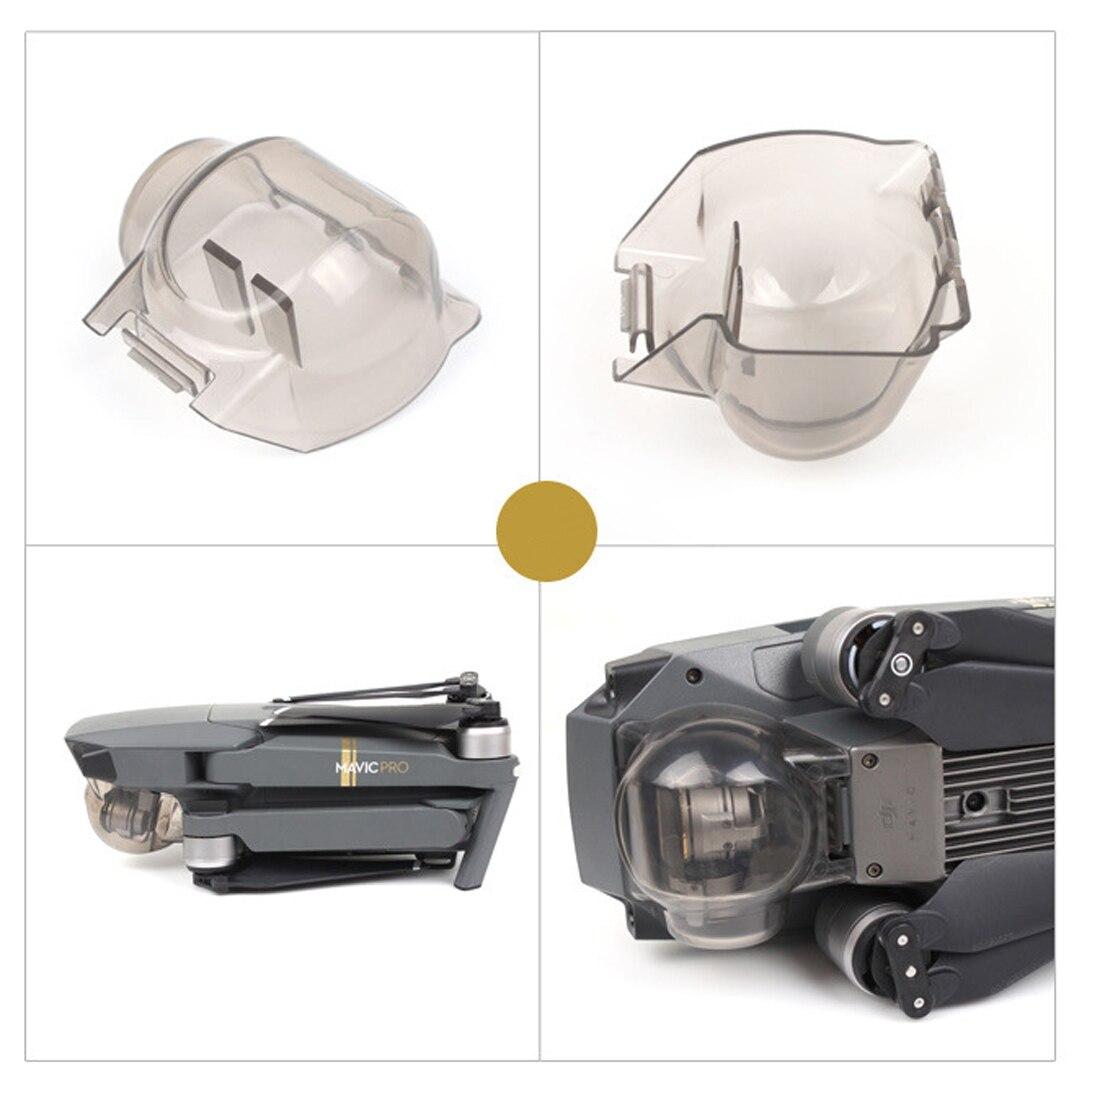 Hobbyinrc Прозрачная защитная крышка объектива Gimbal Камера очистите защитные крышка объектива протектор Кепки для dji Мавик Pro-серый